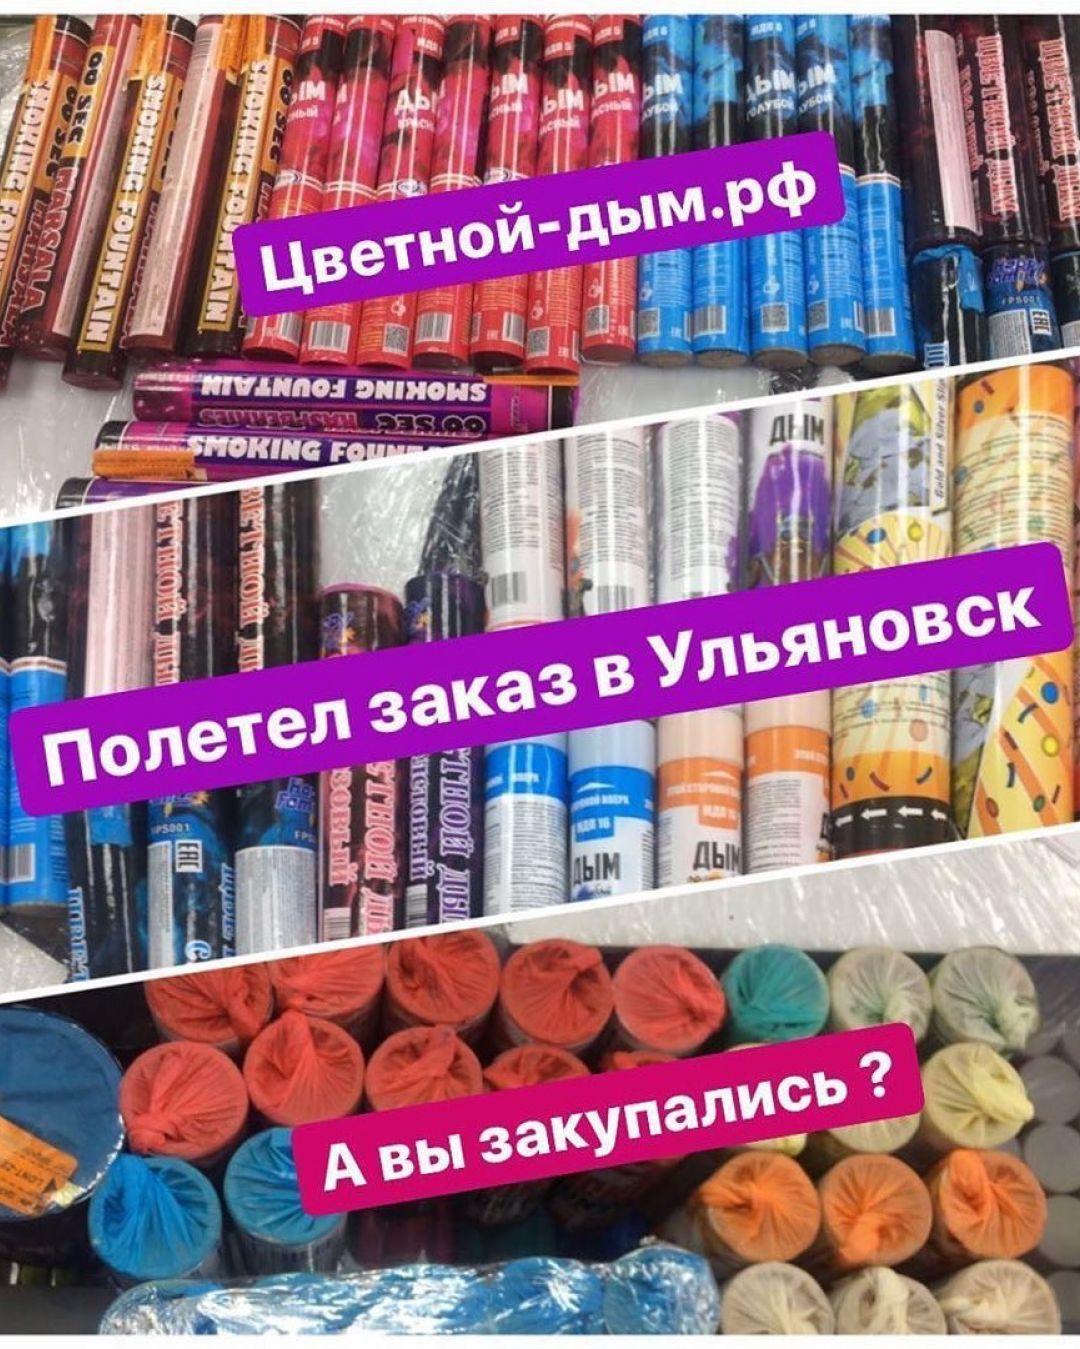 Оптовый заказ - Ульяновск - Цветной-дым.рф отзывы